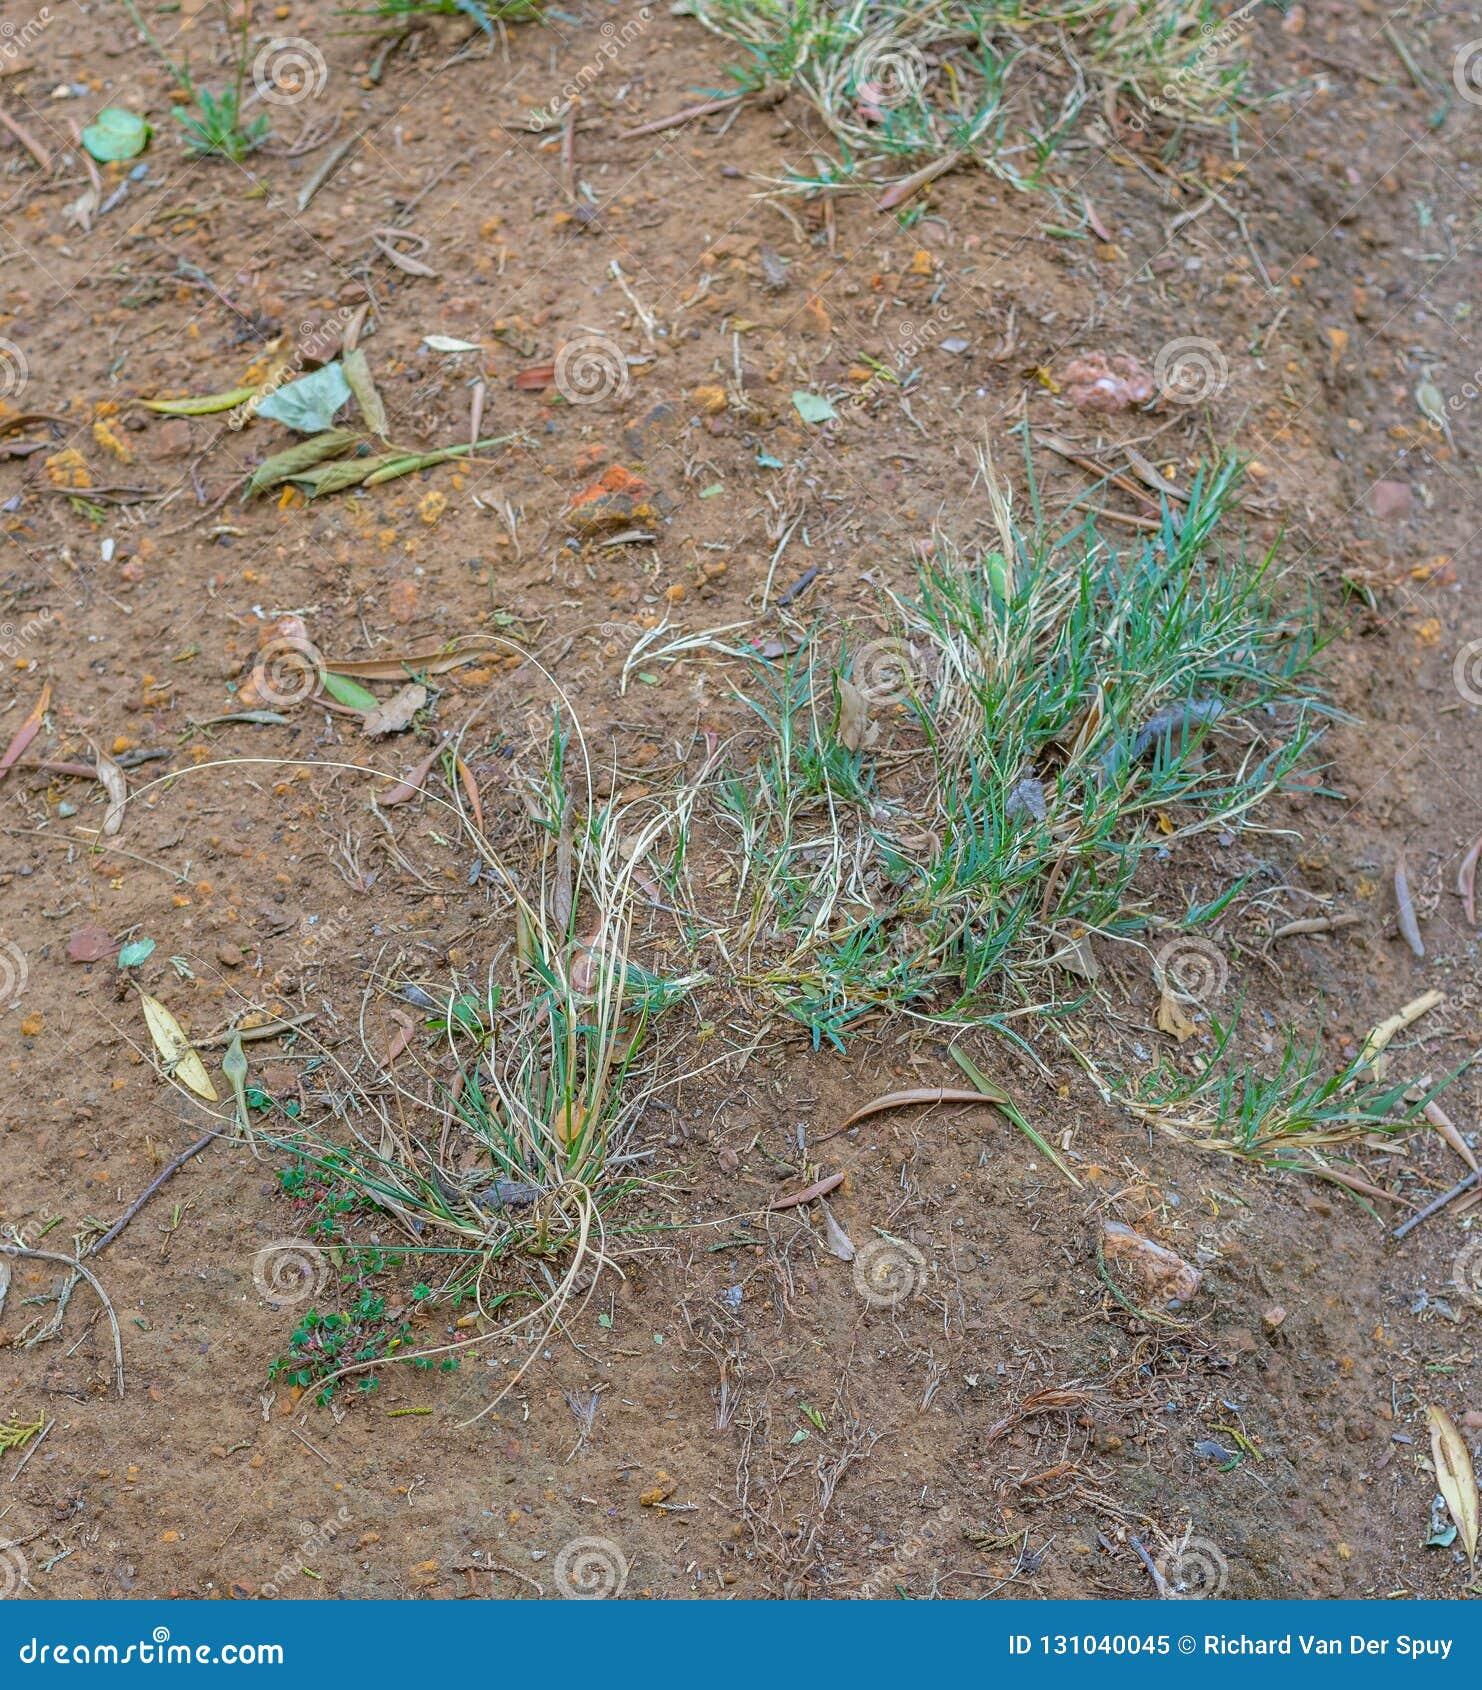 Små ogräs fortlever i lapp av torr jord